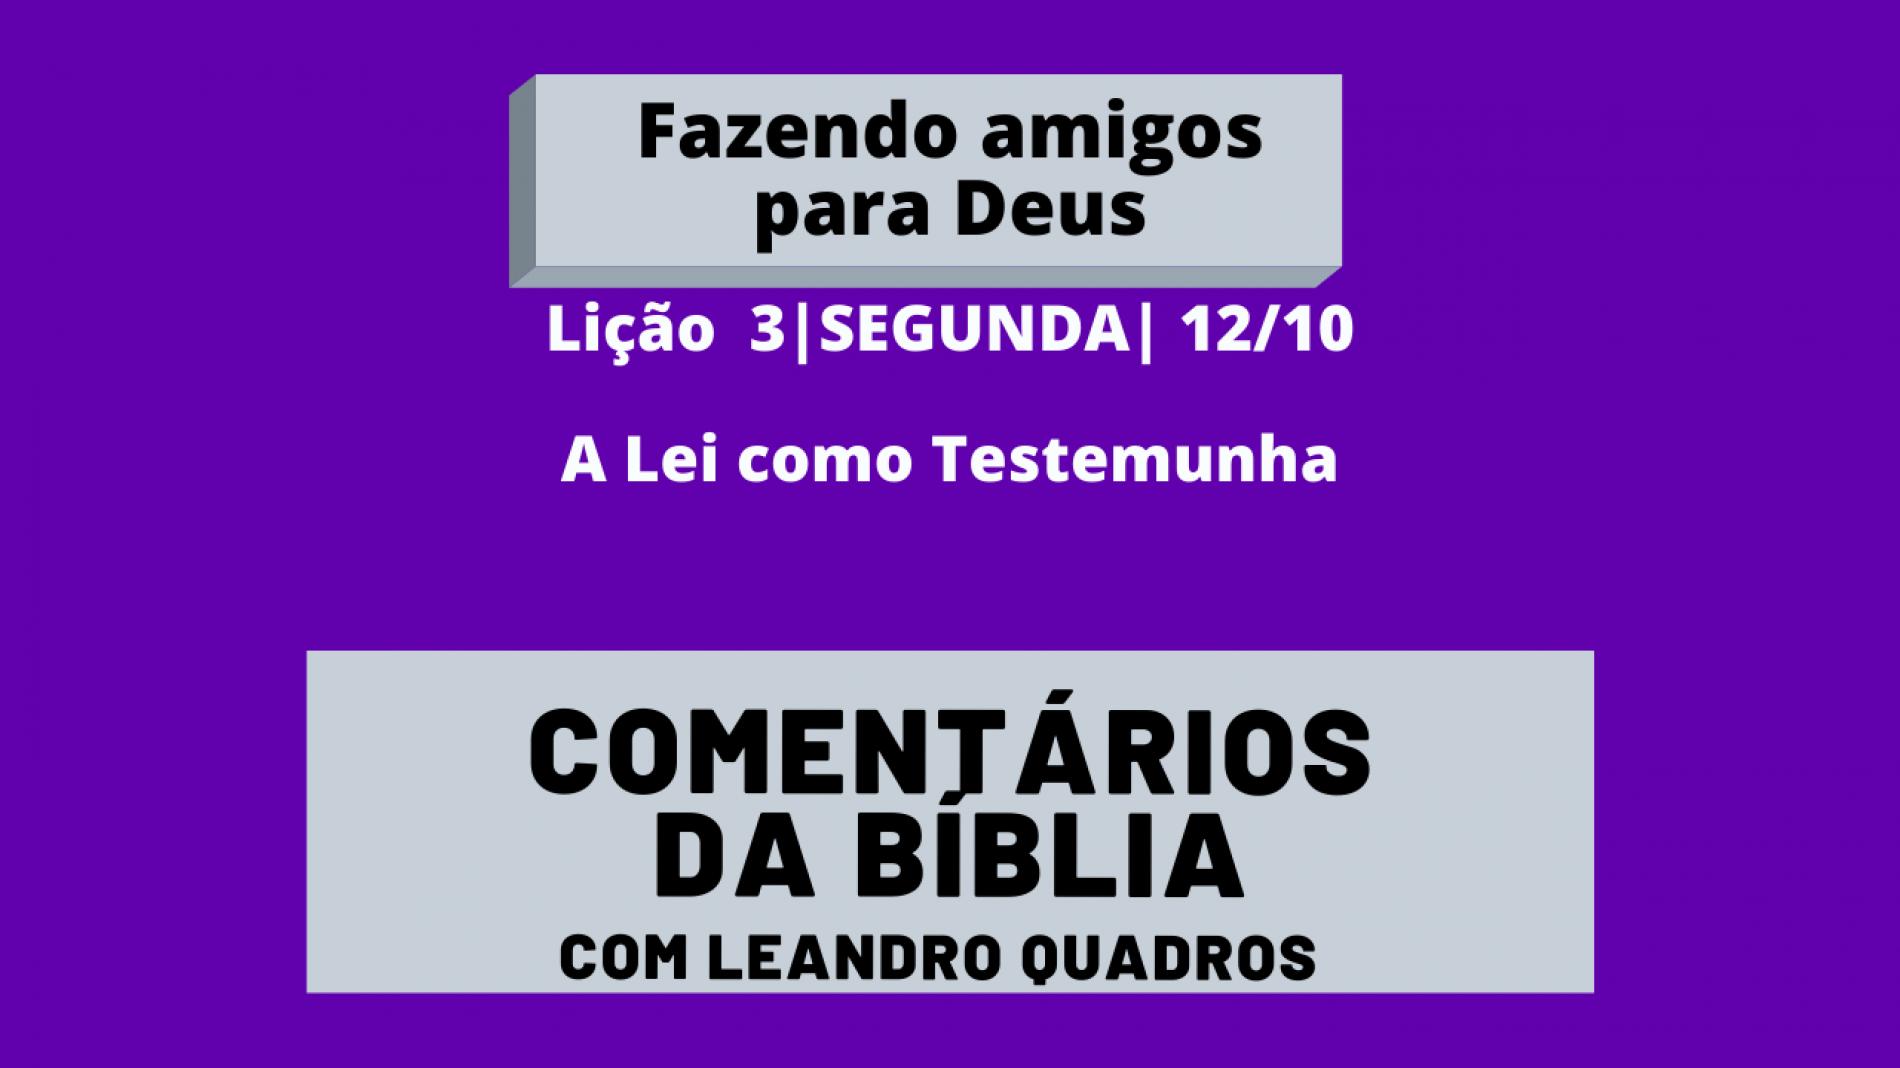 Segunda  12/10  A Lei como Testemunha – Lição 3